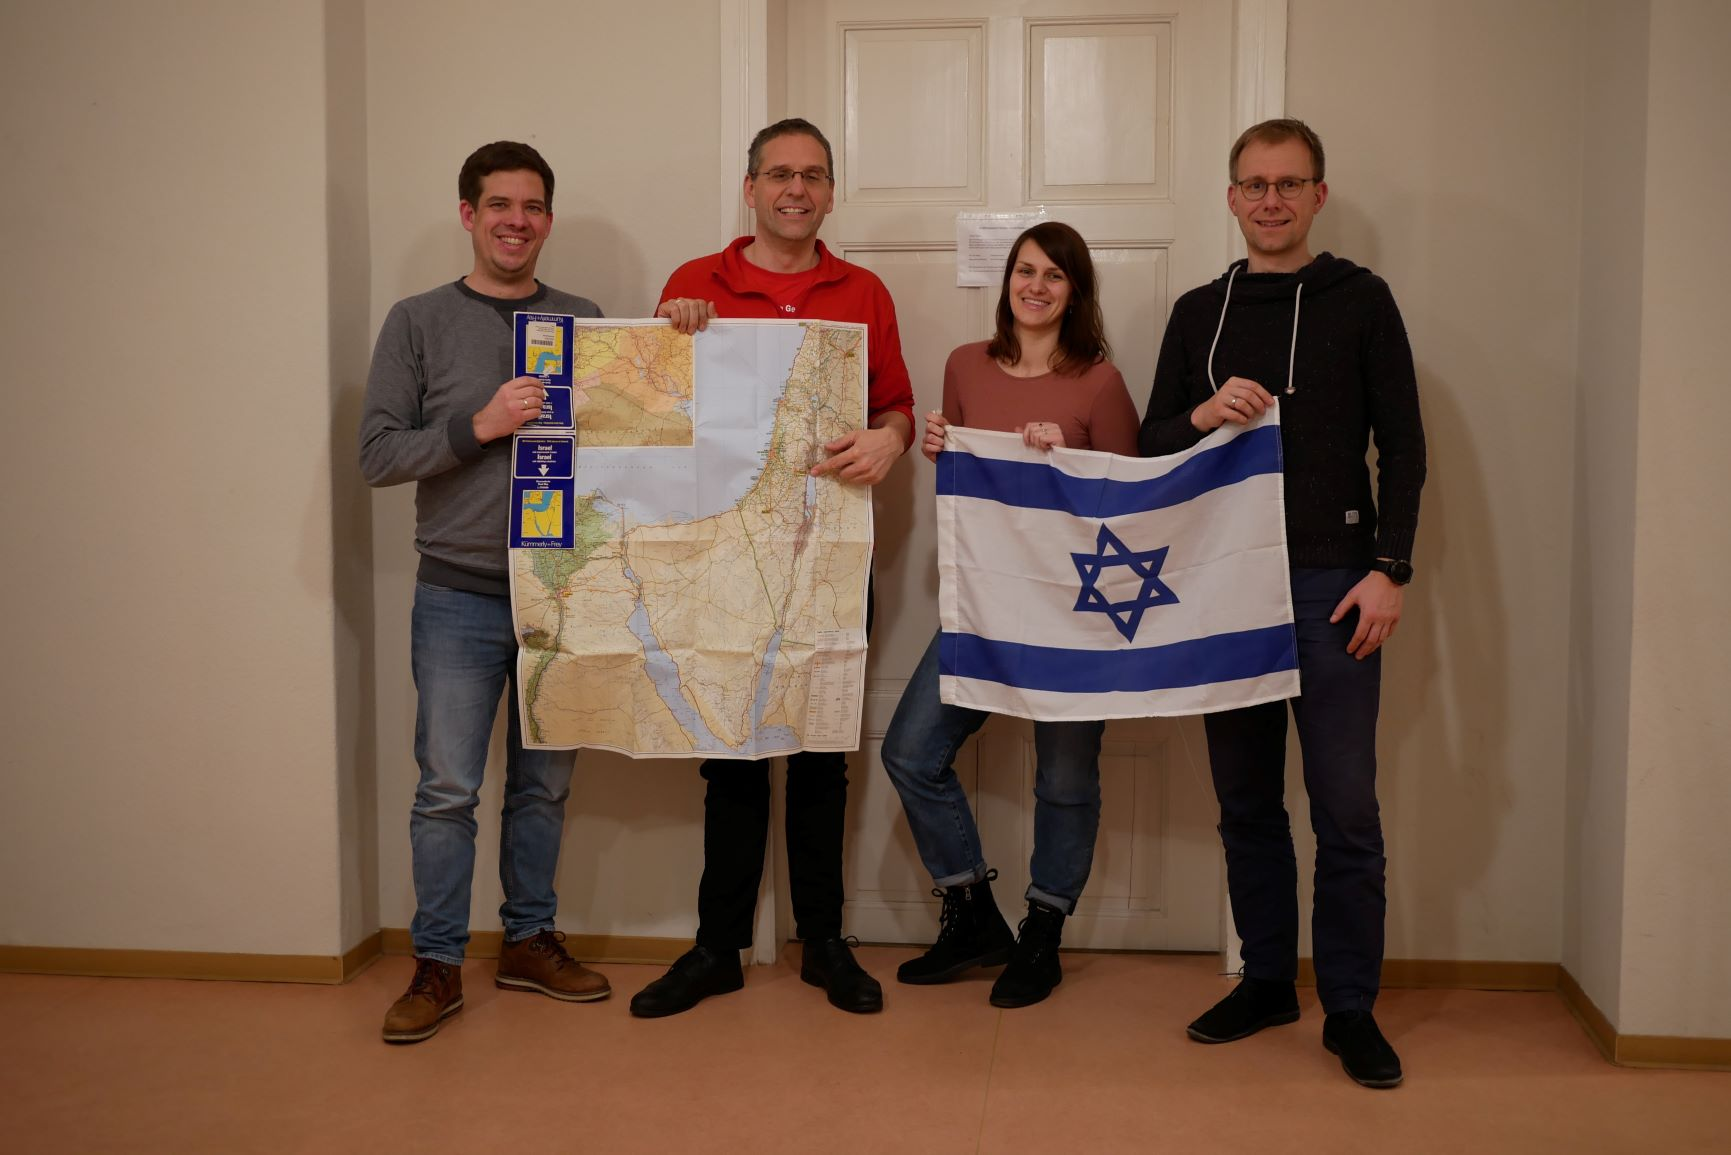 Uebergabe Jugendaustausch LeChaim Israel Belzig